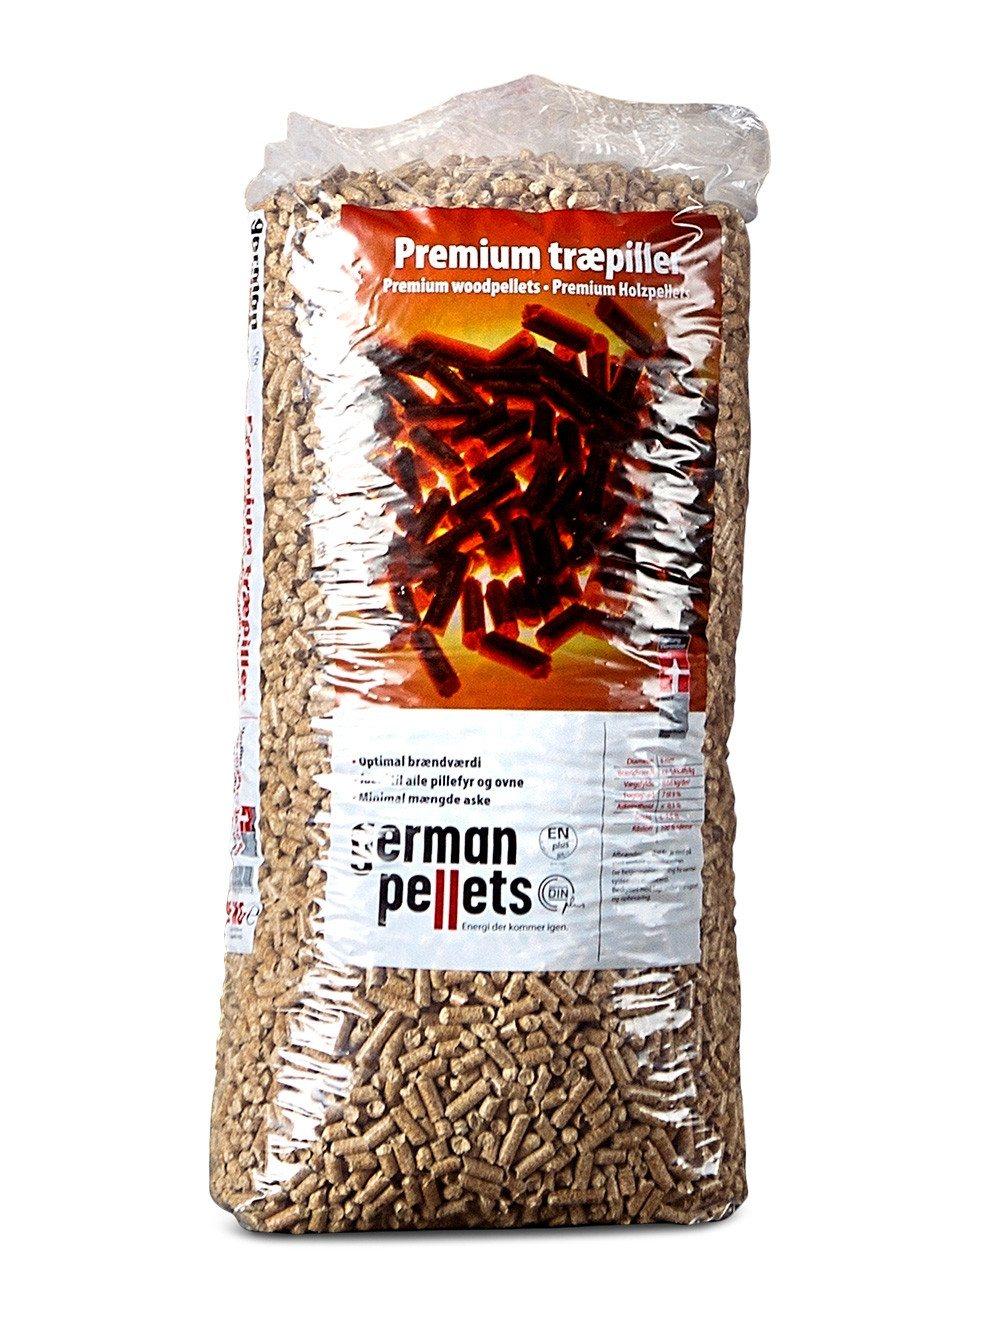 German Pellets - Premium træpiller i poser - 6 mm.